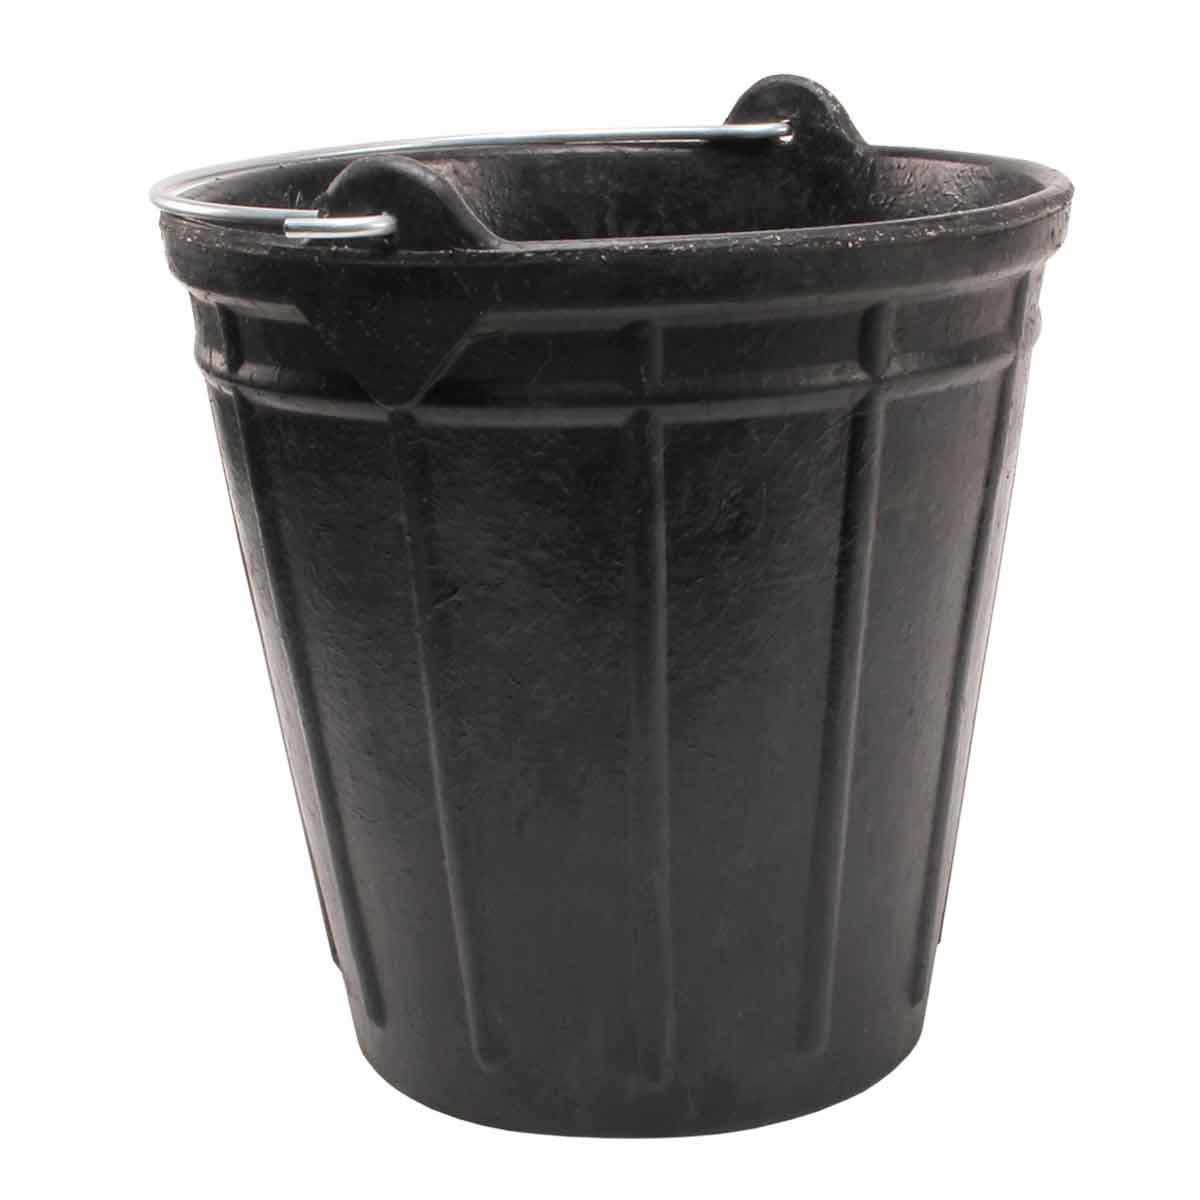 Rubi Tools 4 Gallon Rubber Bucket Contractors Direct